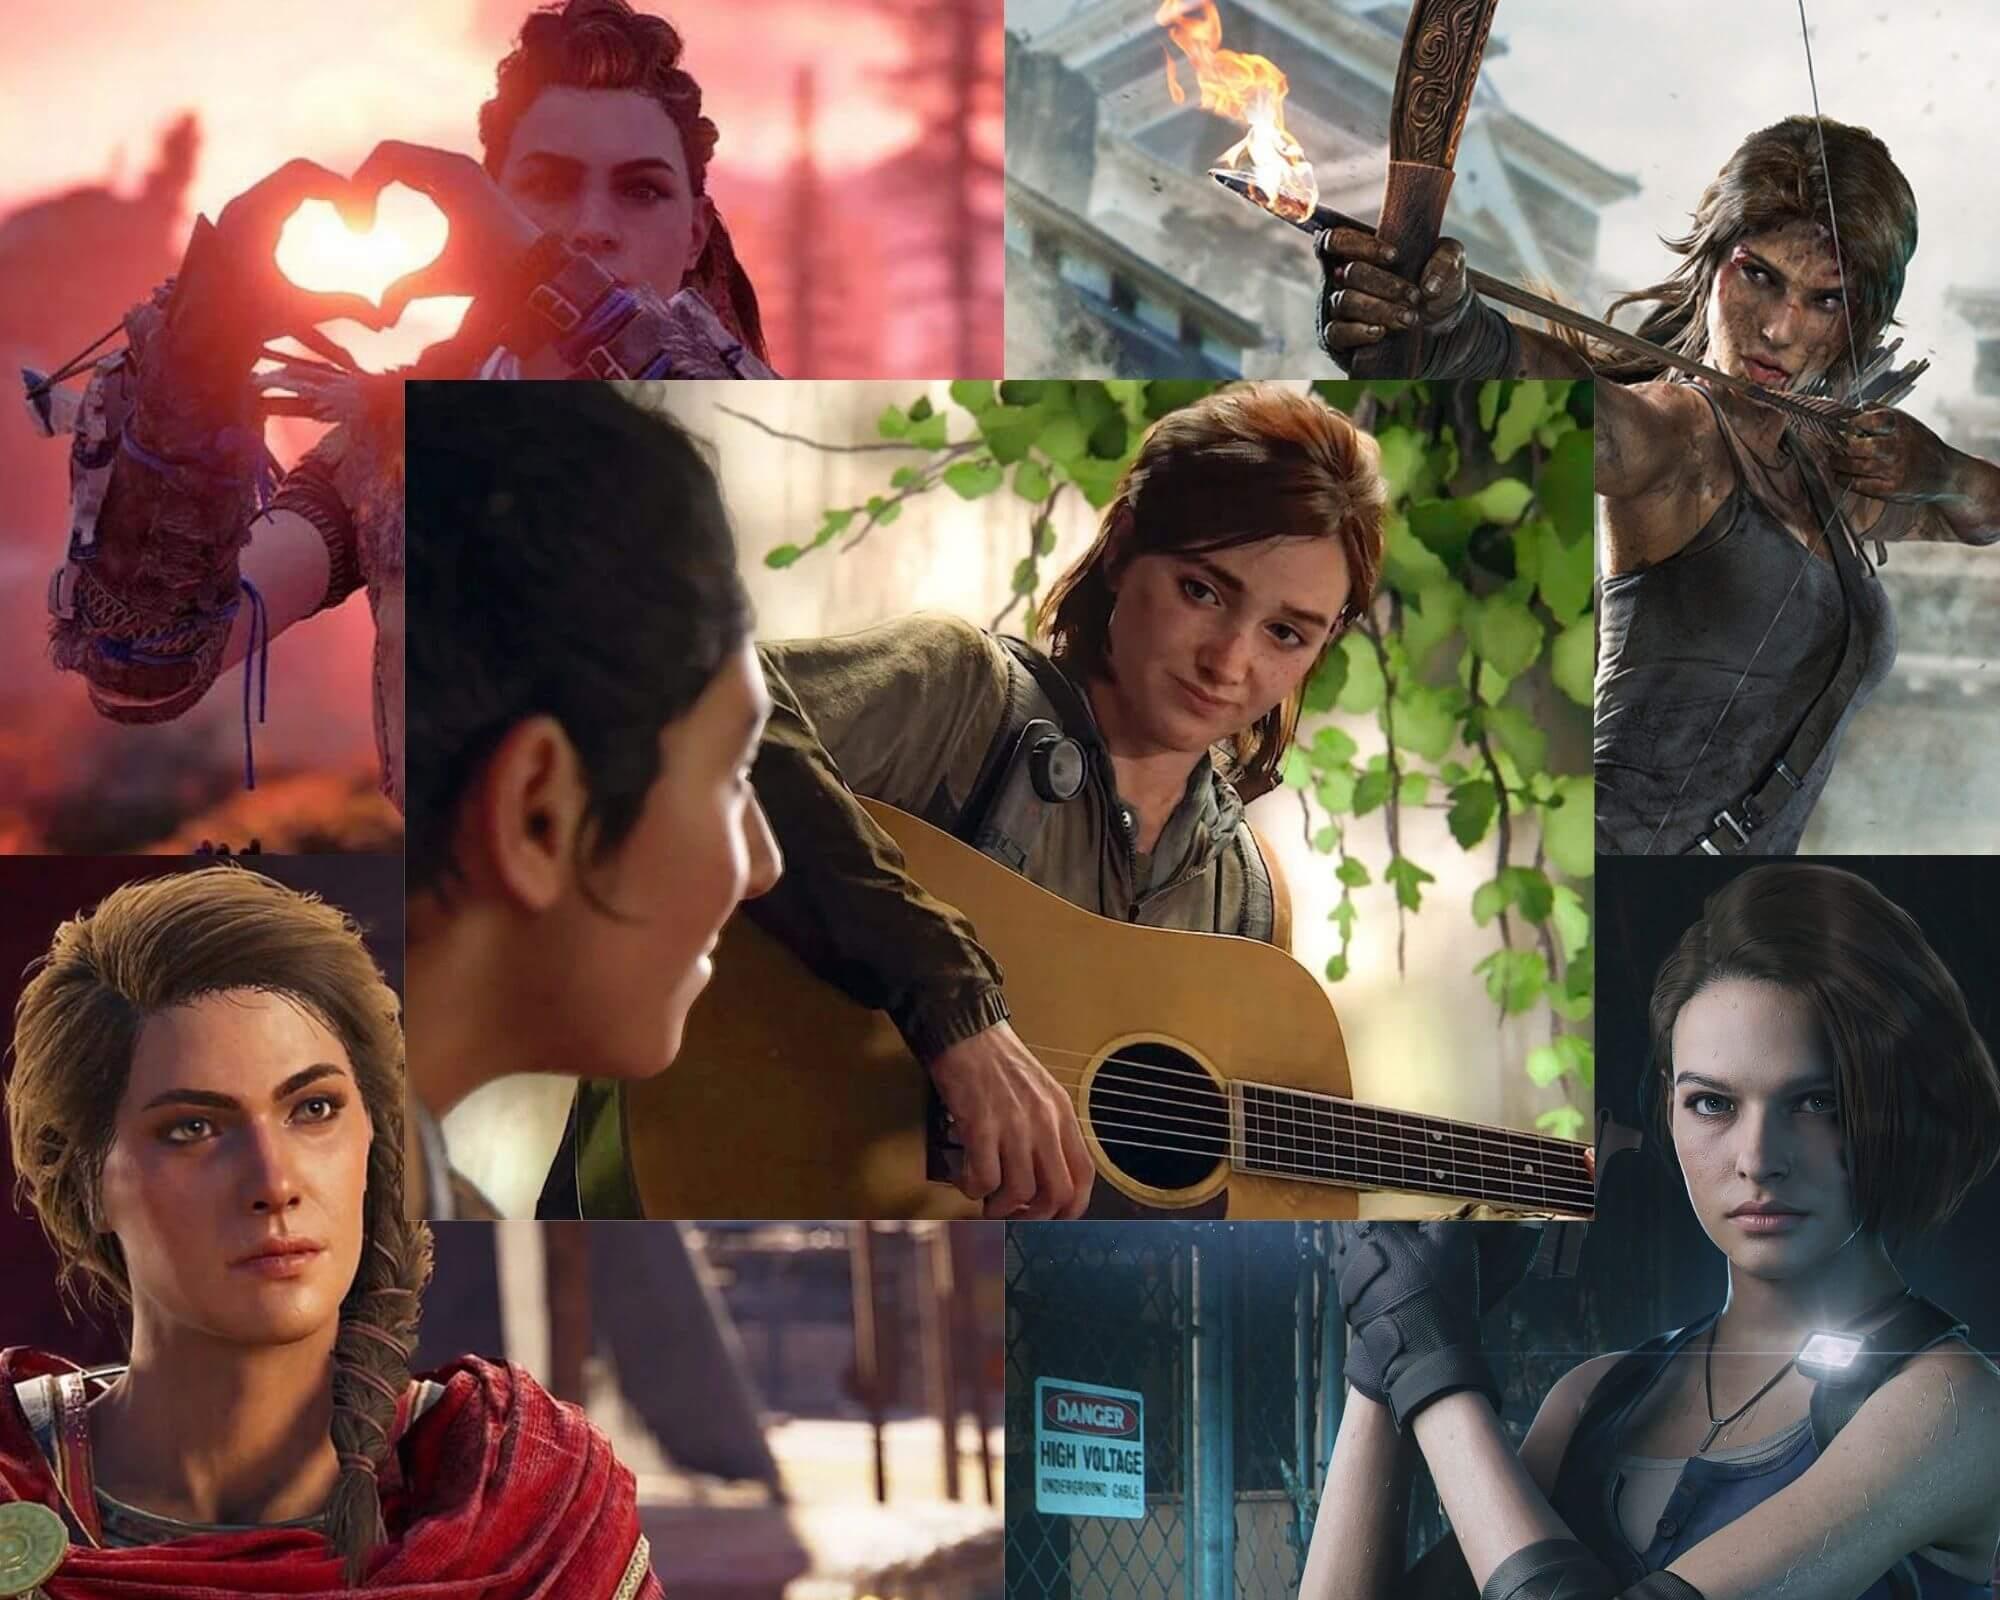 Mujeres en los videojuegos: La verdadera inclusión forzada se daba antes, no ahora